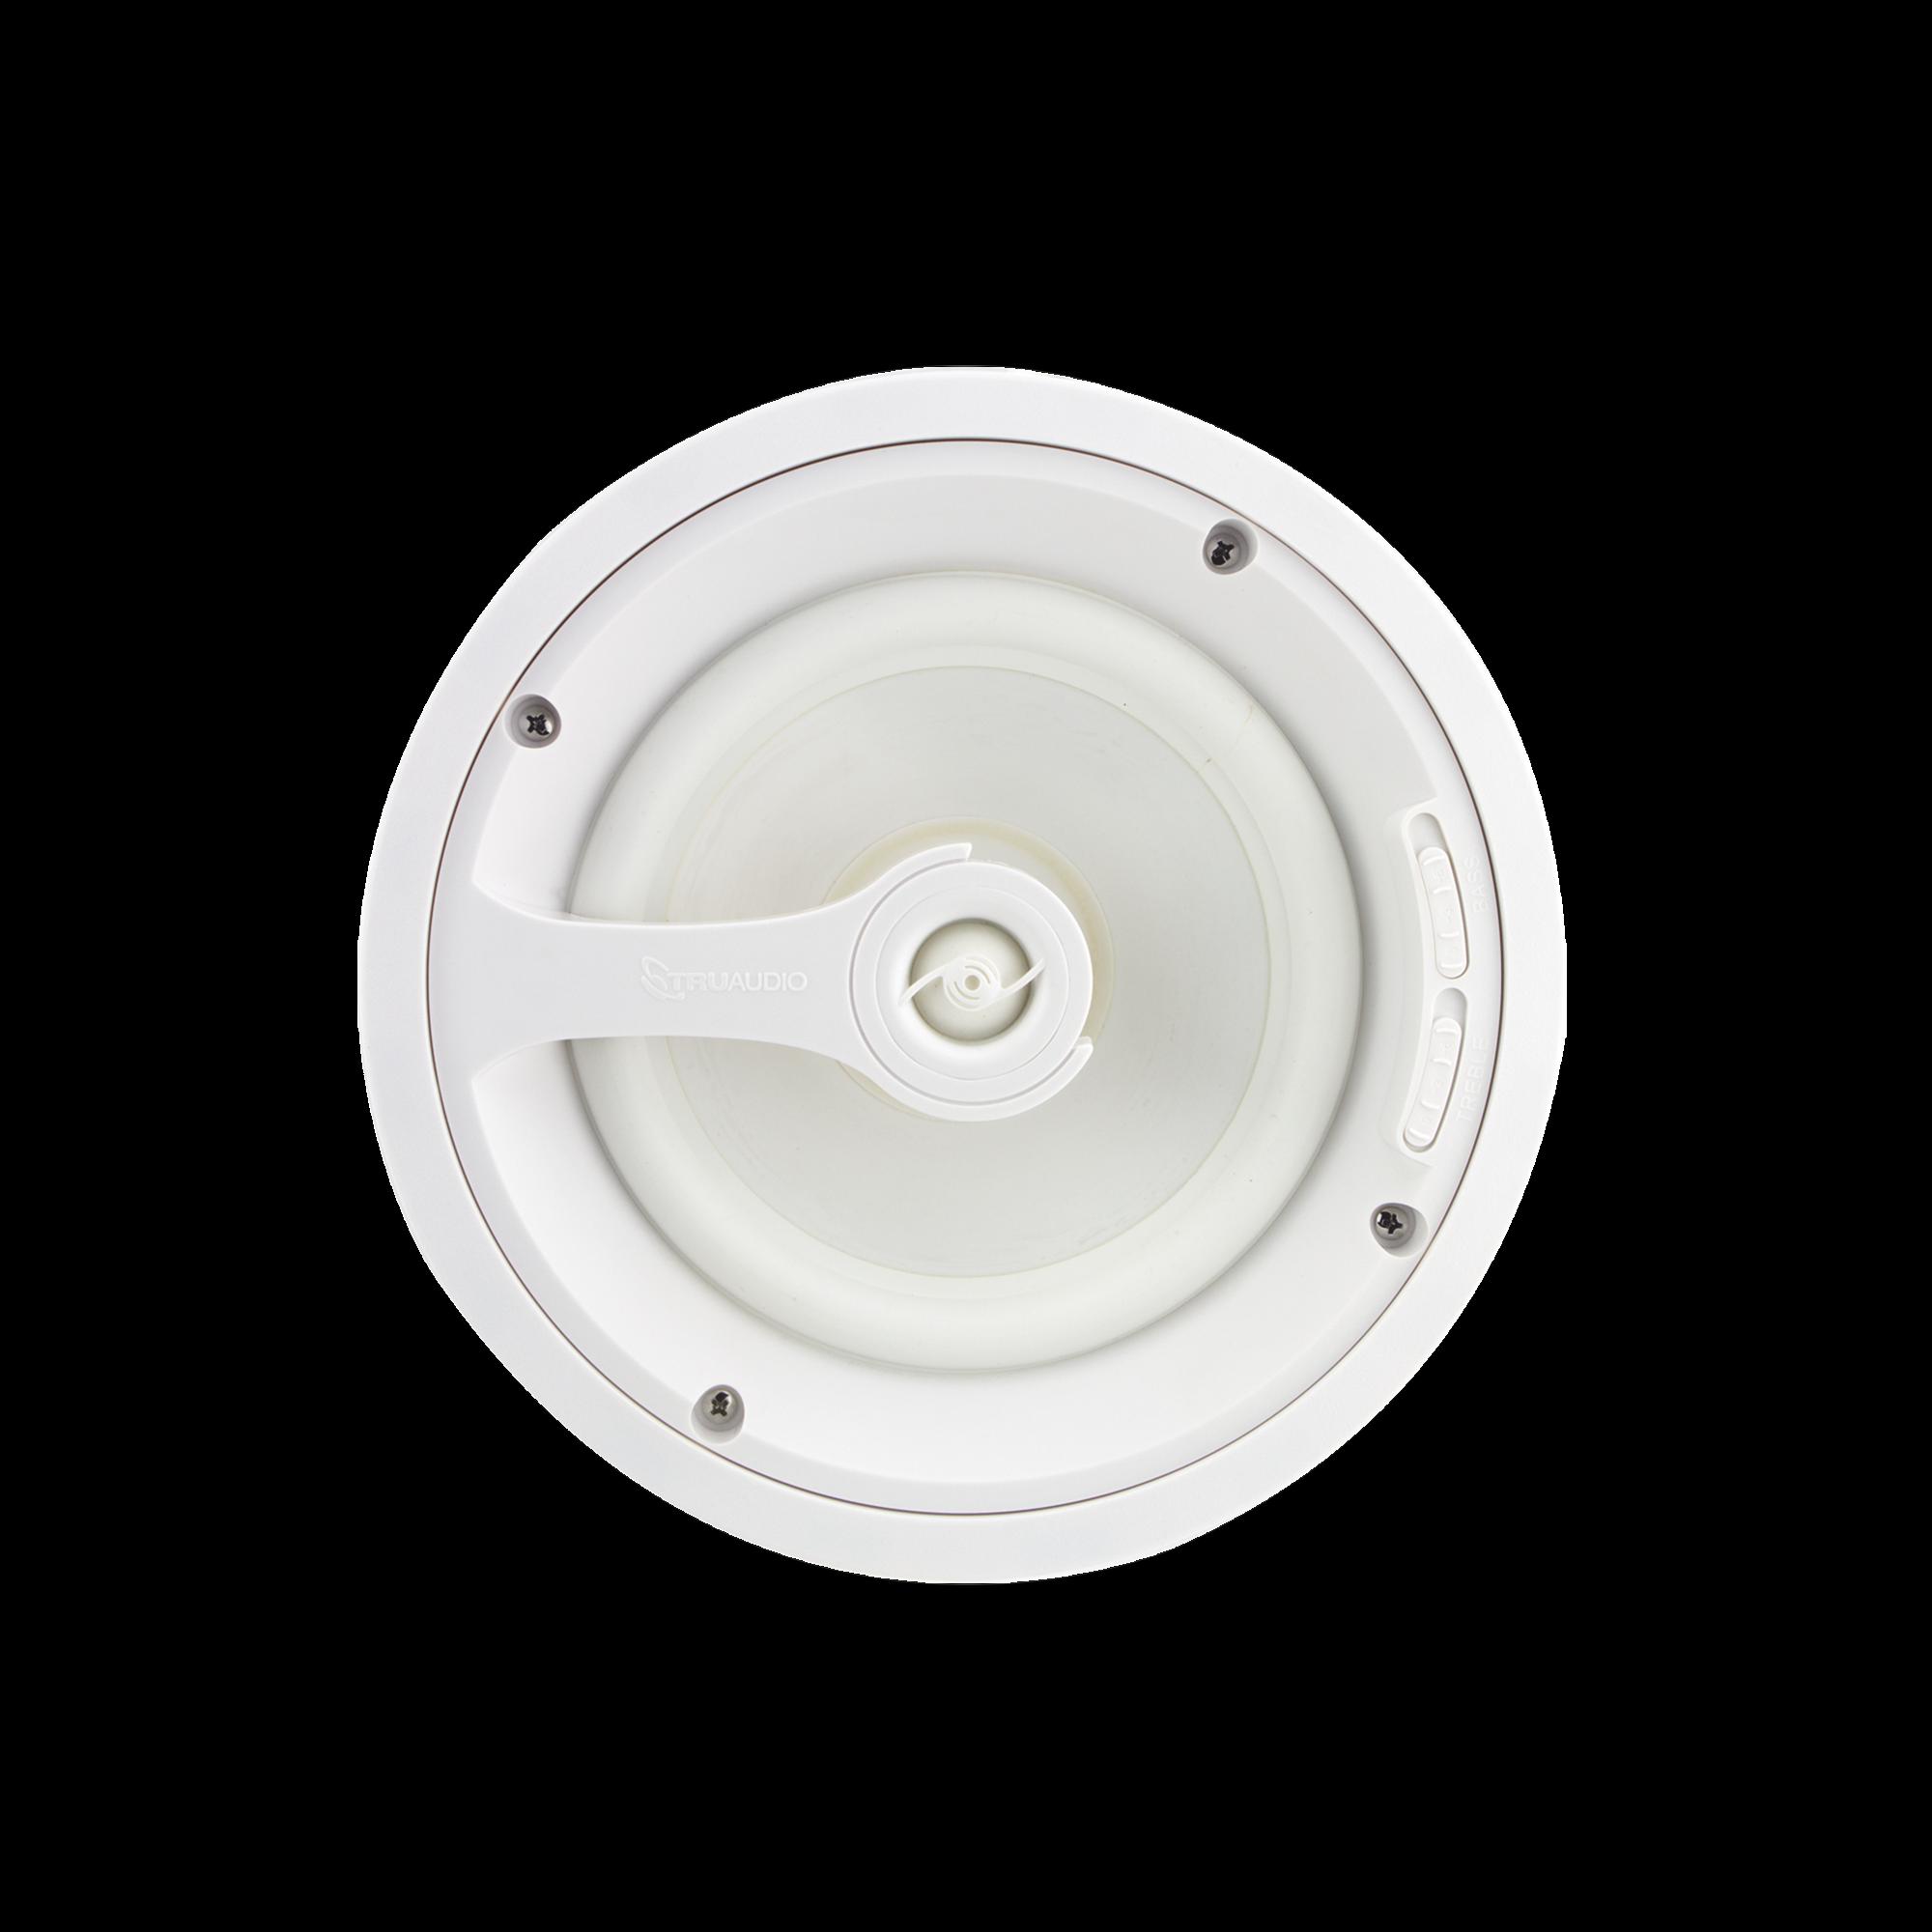 Ghost Series Altavoz de techo de 2 vias, woofer de polipropileno blanco de 8 in, tweeter de 1in, 5 - 125 watts, 8 Ohms